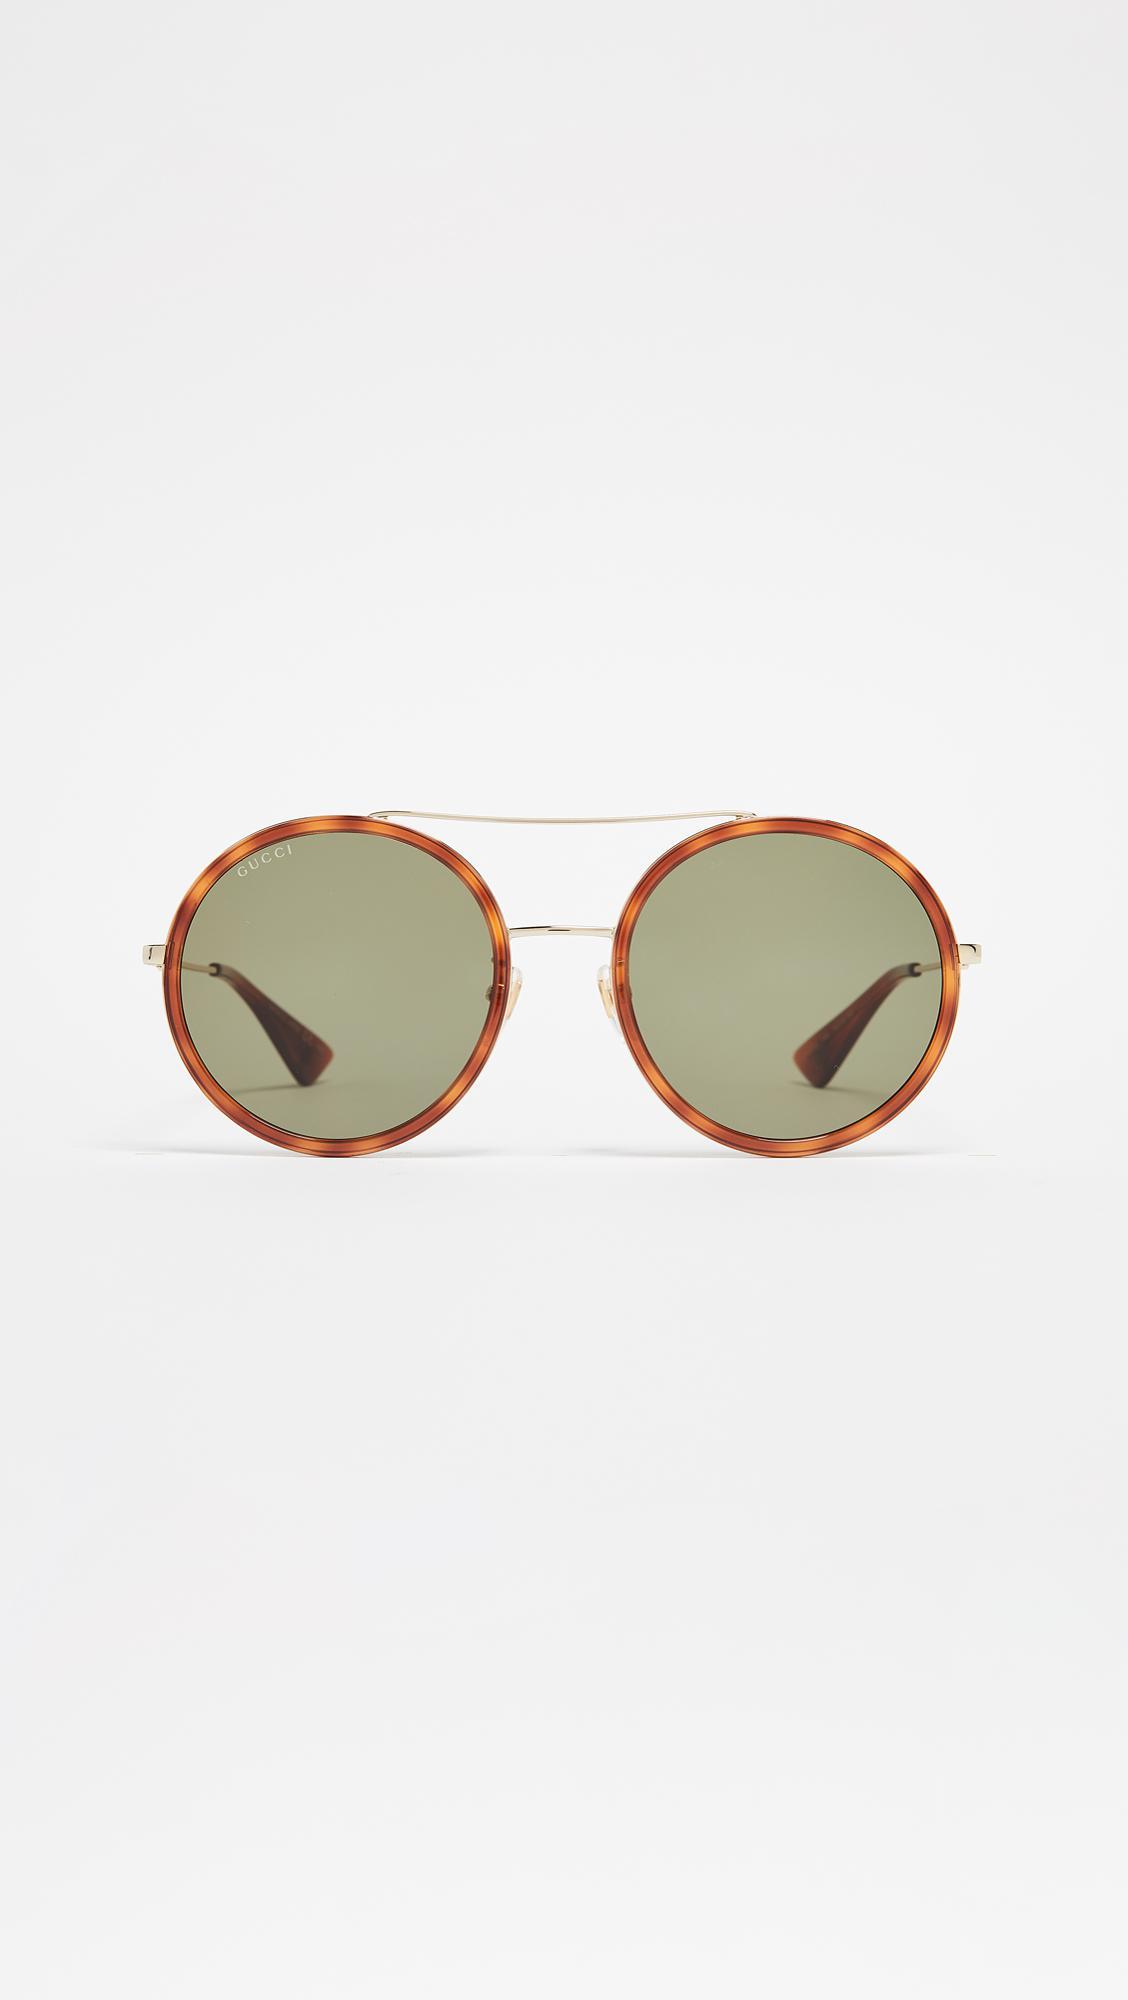 7542c1ce59c Gucci - Multicolor Urban Web Block Round Sunglasses - Lyst. View fullscreen